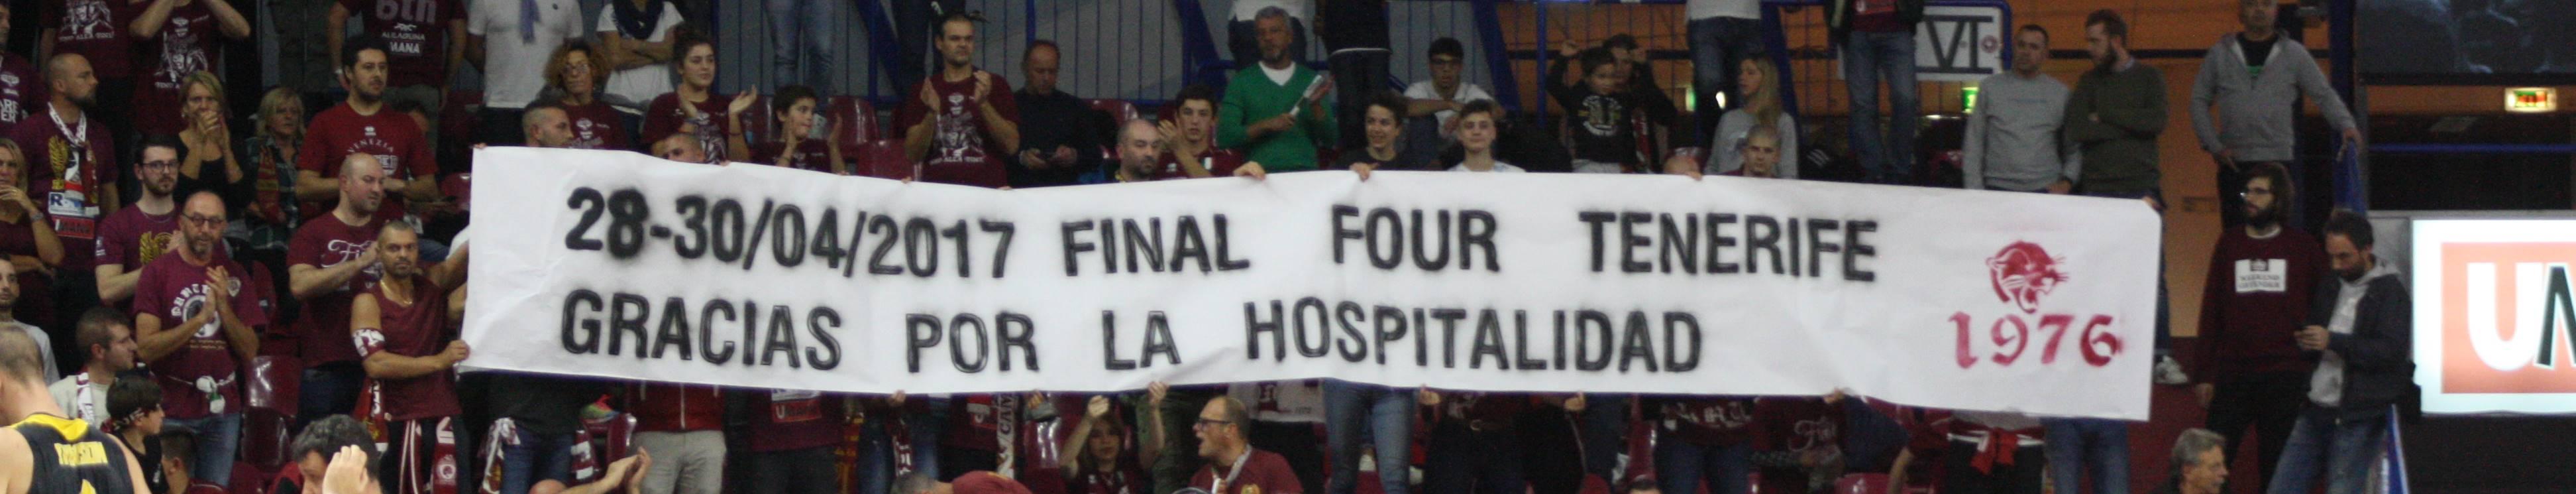 La afición del Reyer Venezia agradeció a Tenerife su hospitalidad en la 'Final Four' 2017